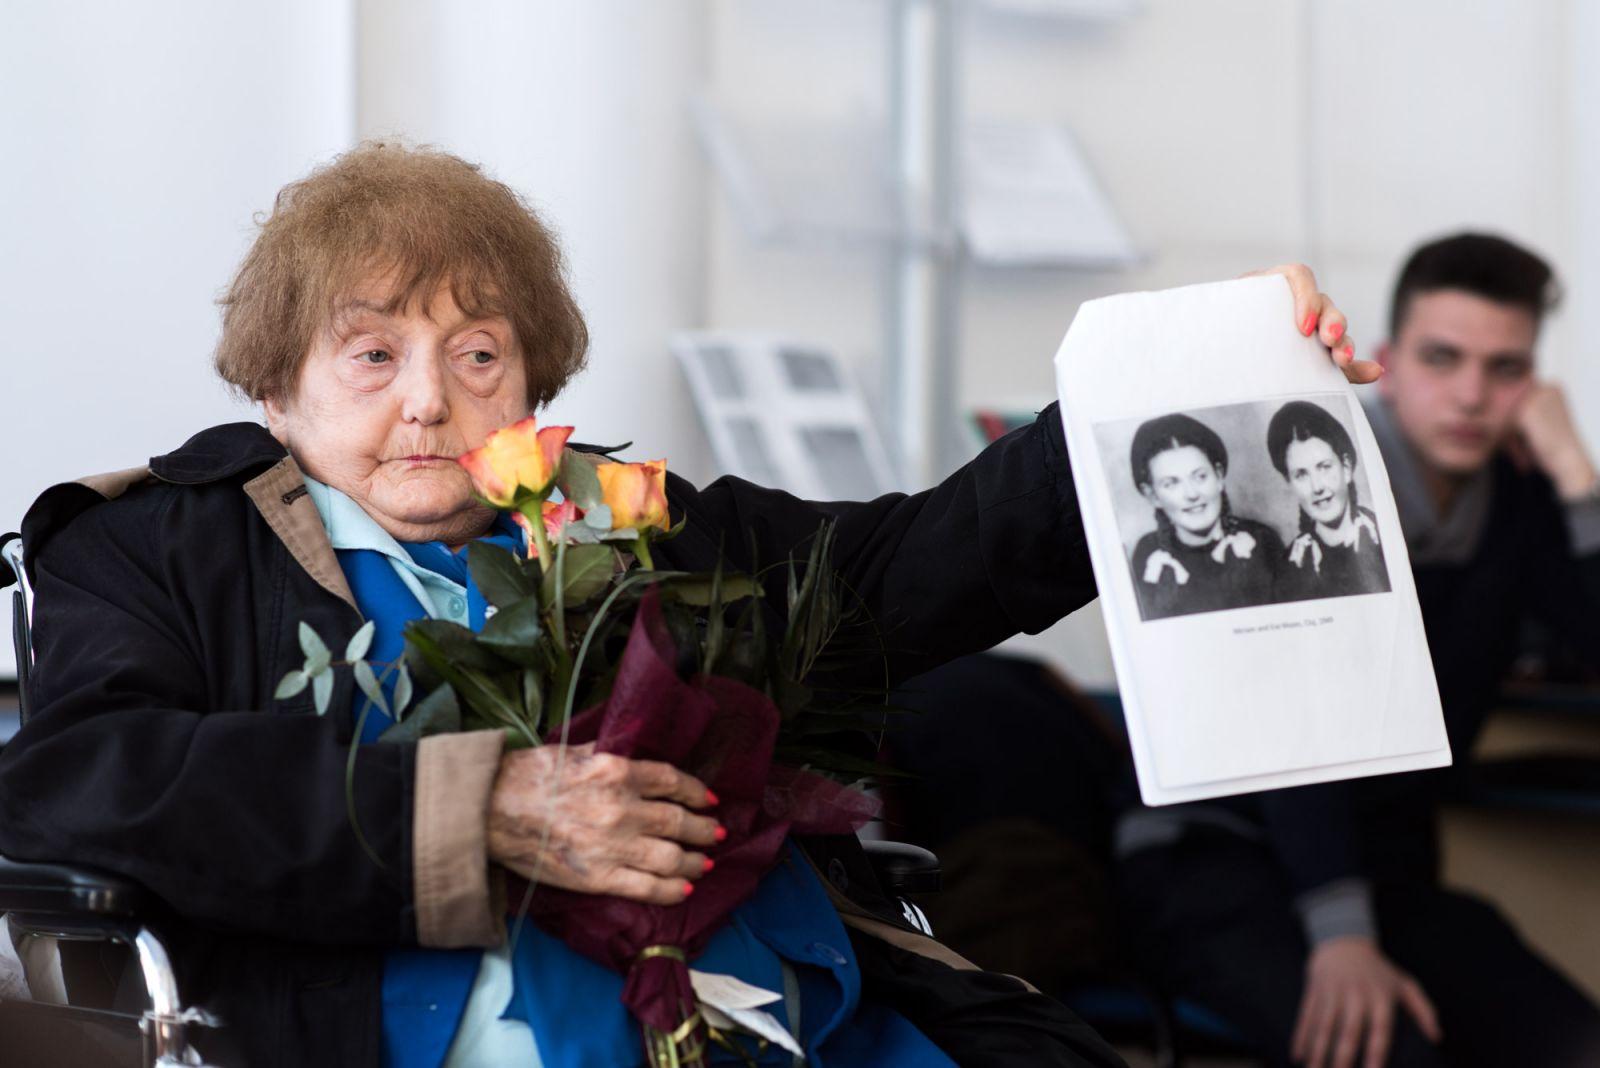 Eva Kor a kolozsvári licistáknak megmutatja, hogyan nézett ki ő meg ikertestvére, amikor 1948-ban ugyanabba az iskolába jártak | Forrás: pressone